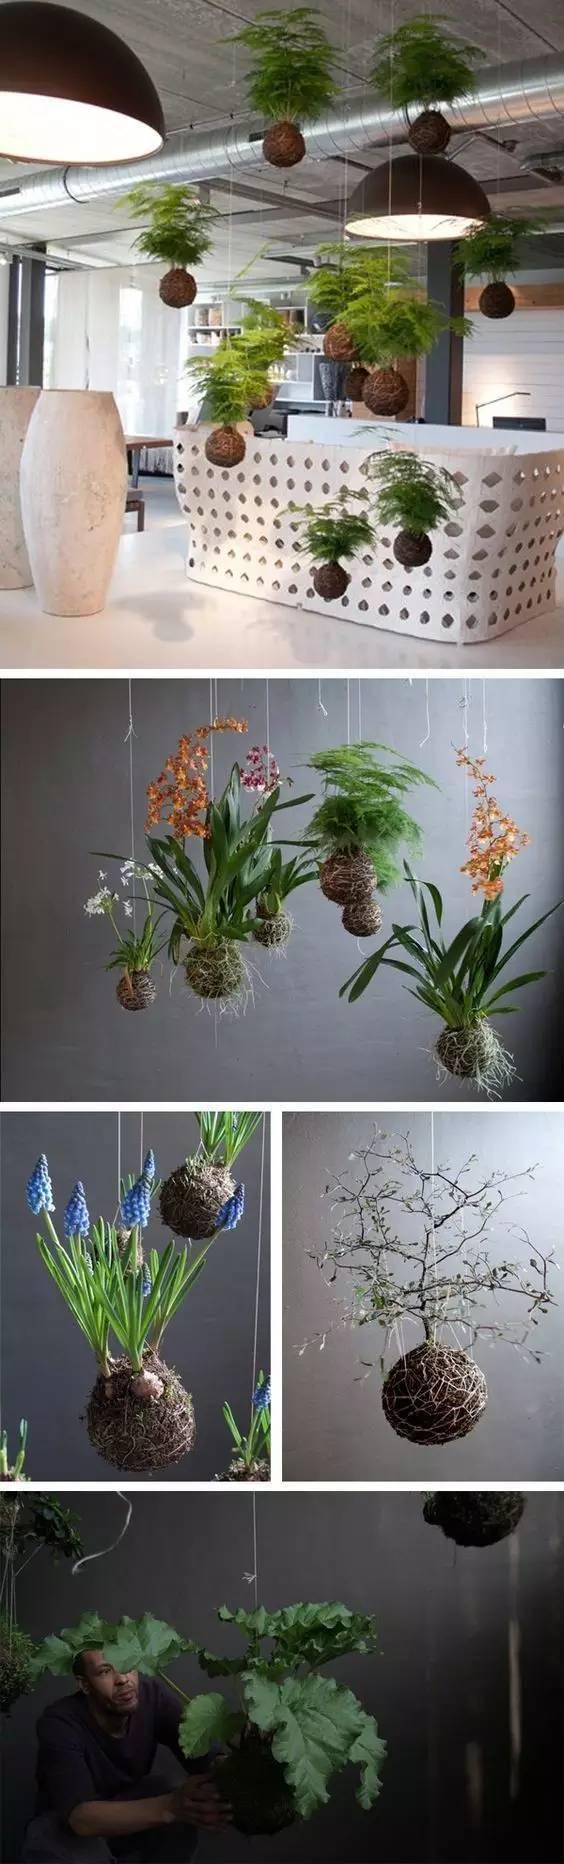 植物才是最美的隔断_17